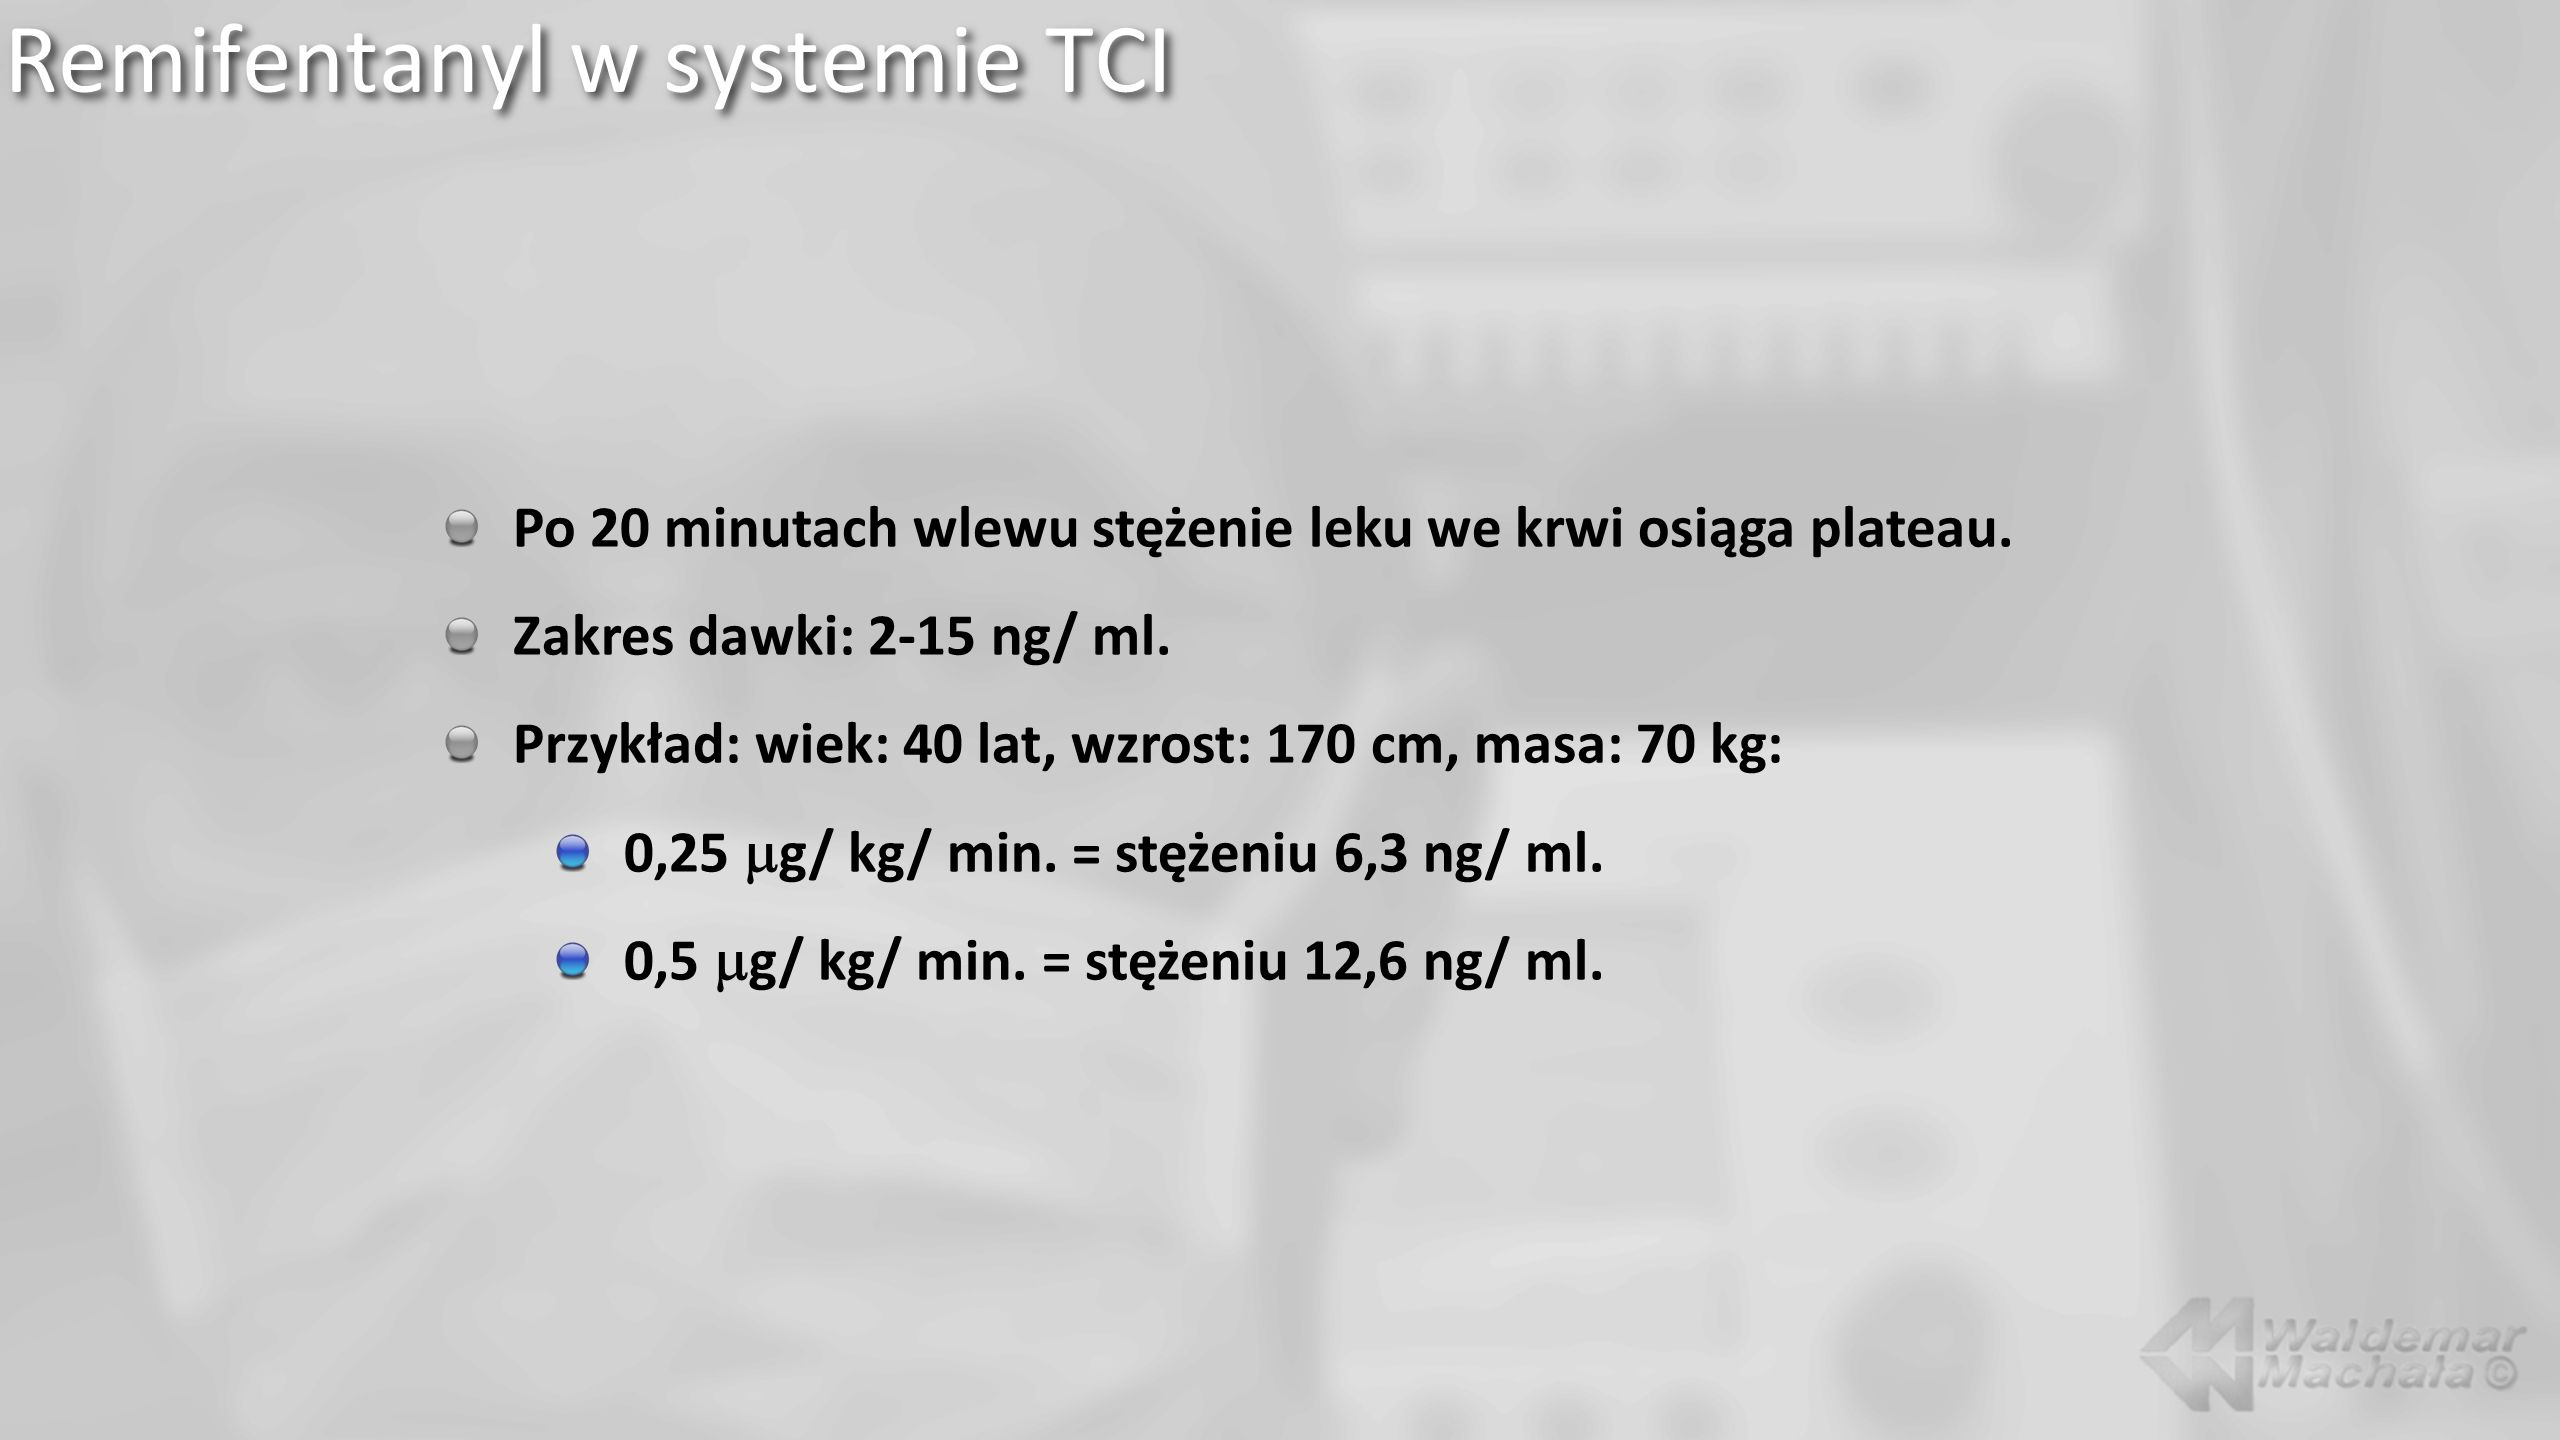 Remifentanyl w systemie TCI